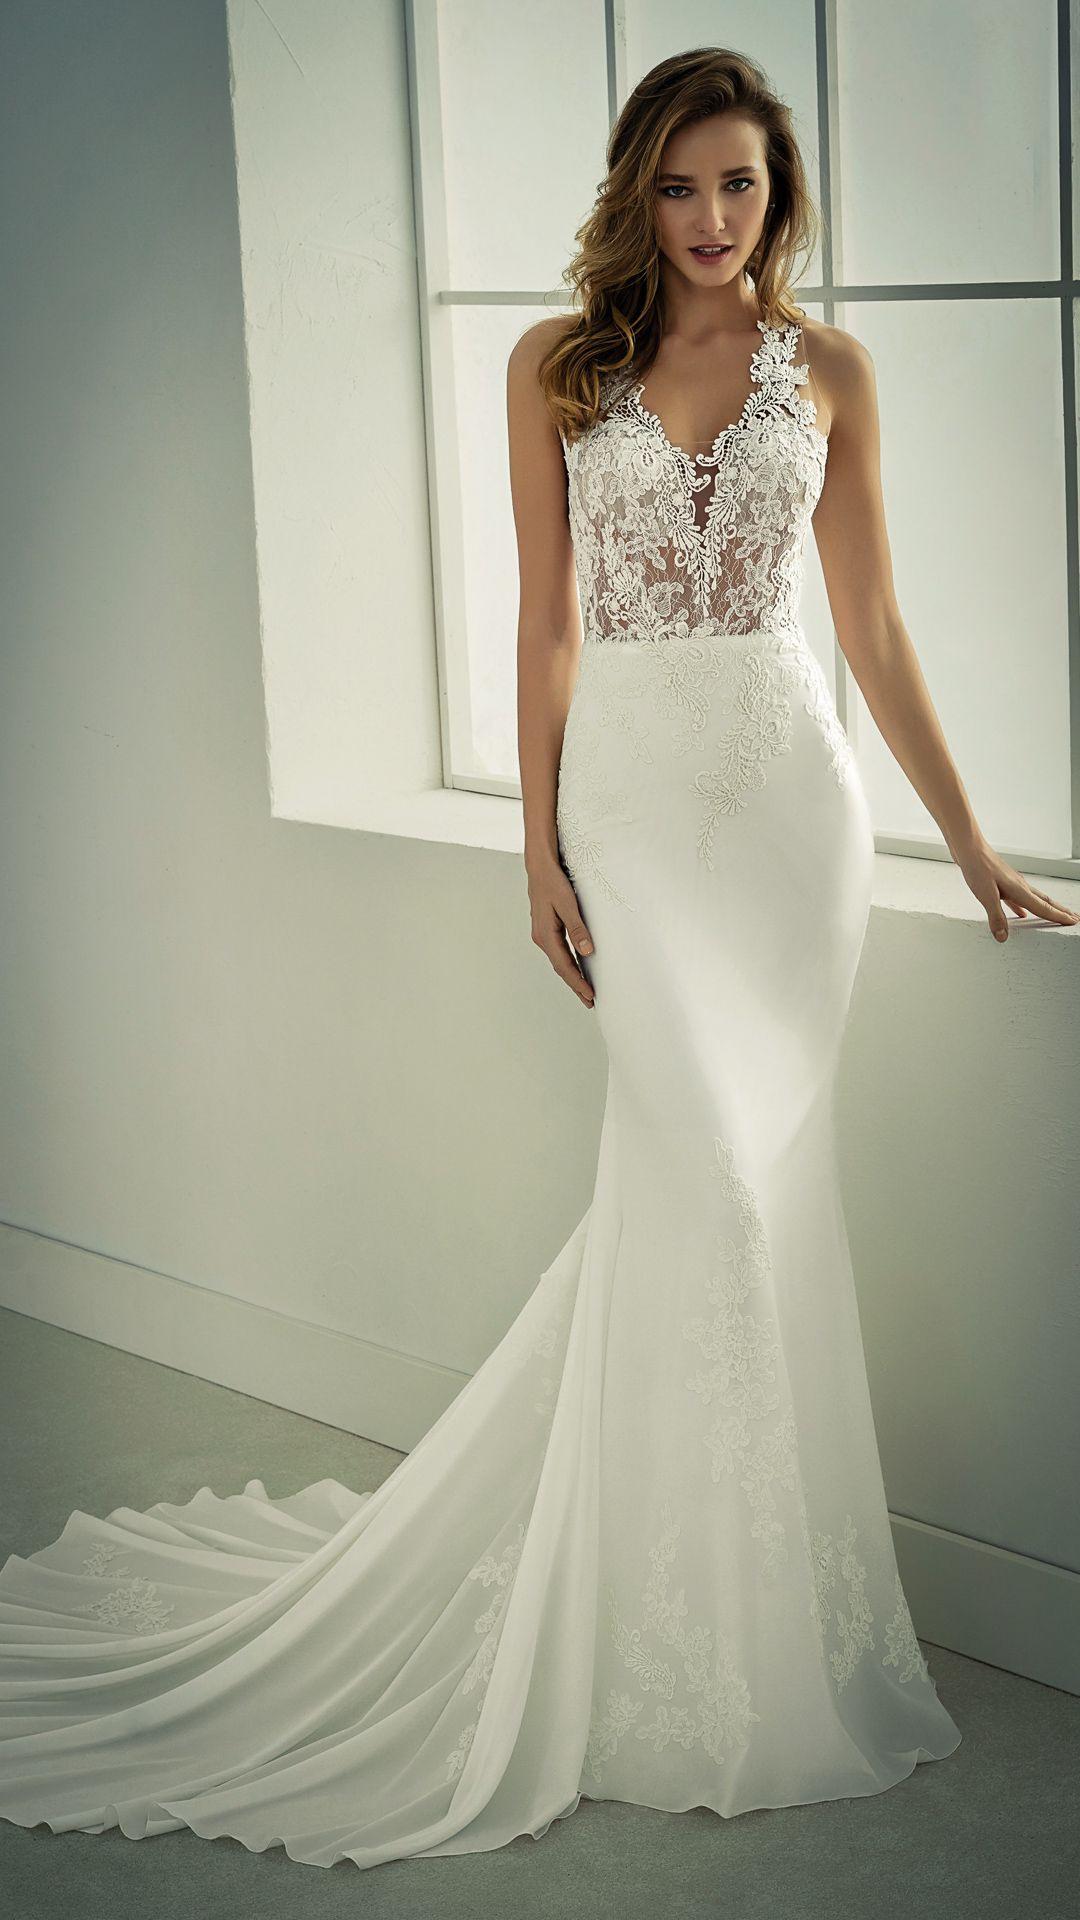 Hochzeitskleider 2020 White One Kollektion Modell